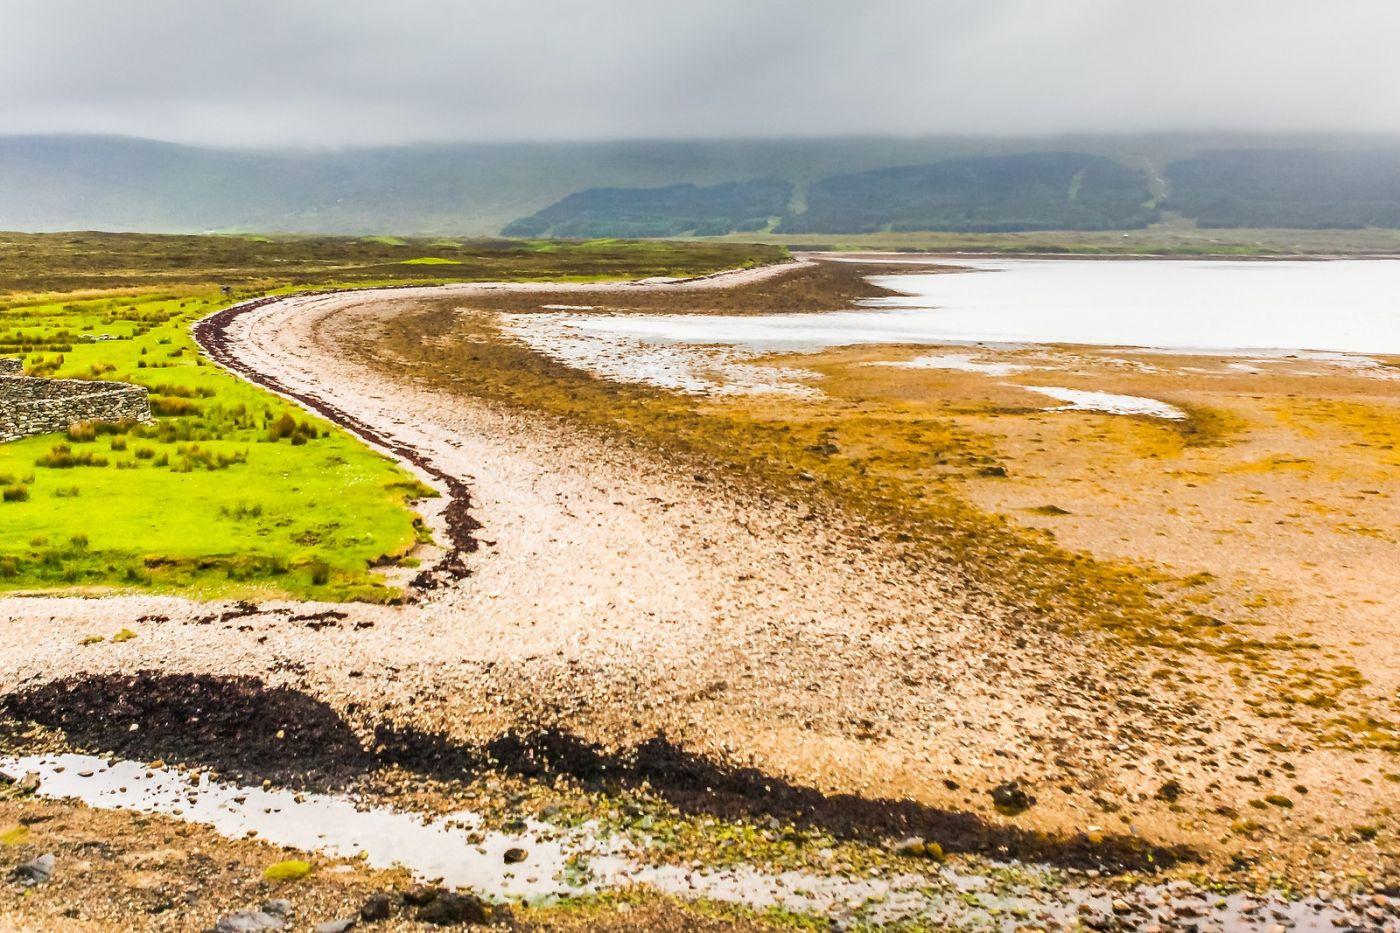 苏格兰美景,弯弯的沙滩_图1-33